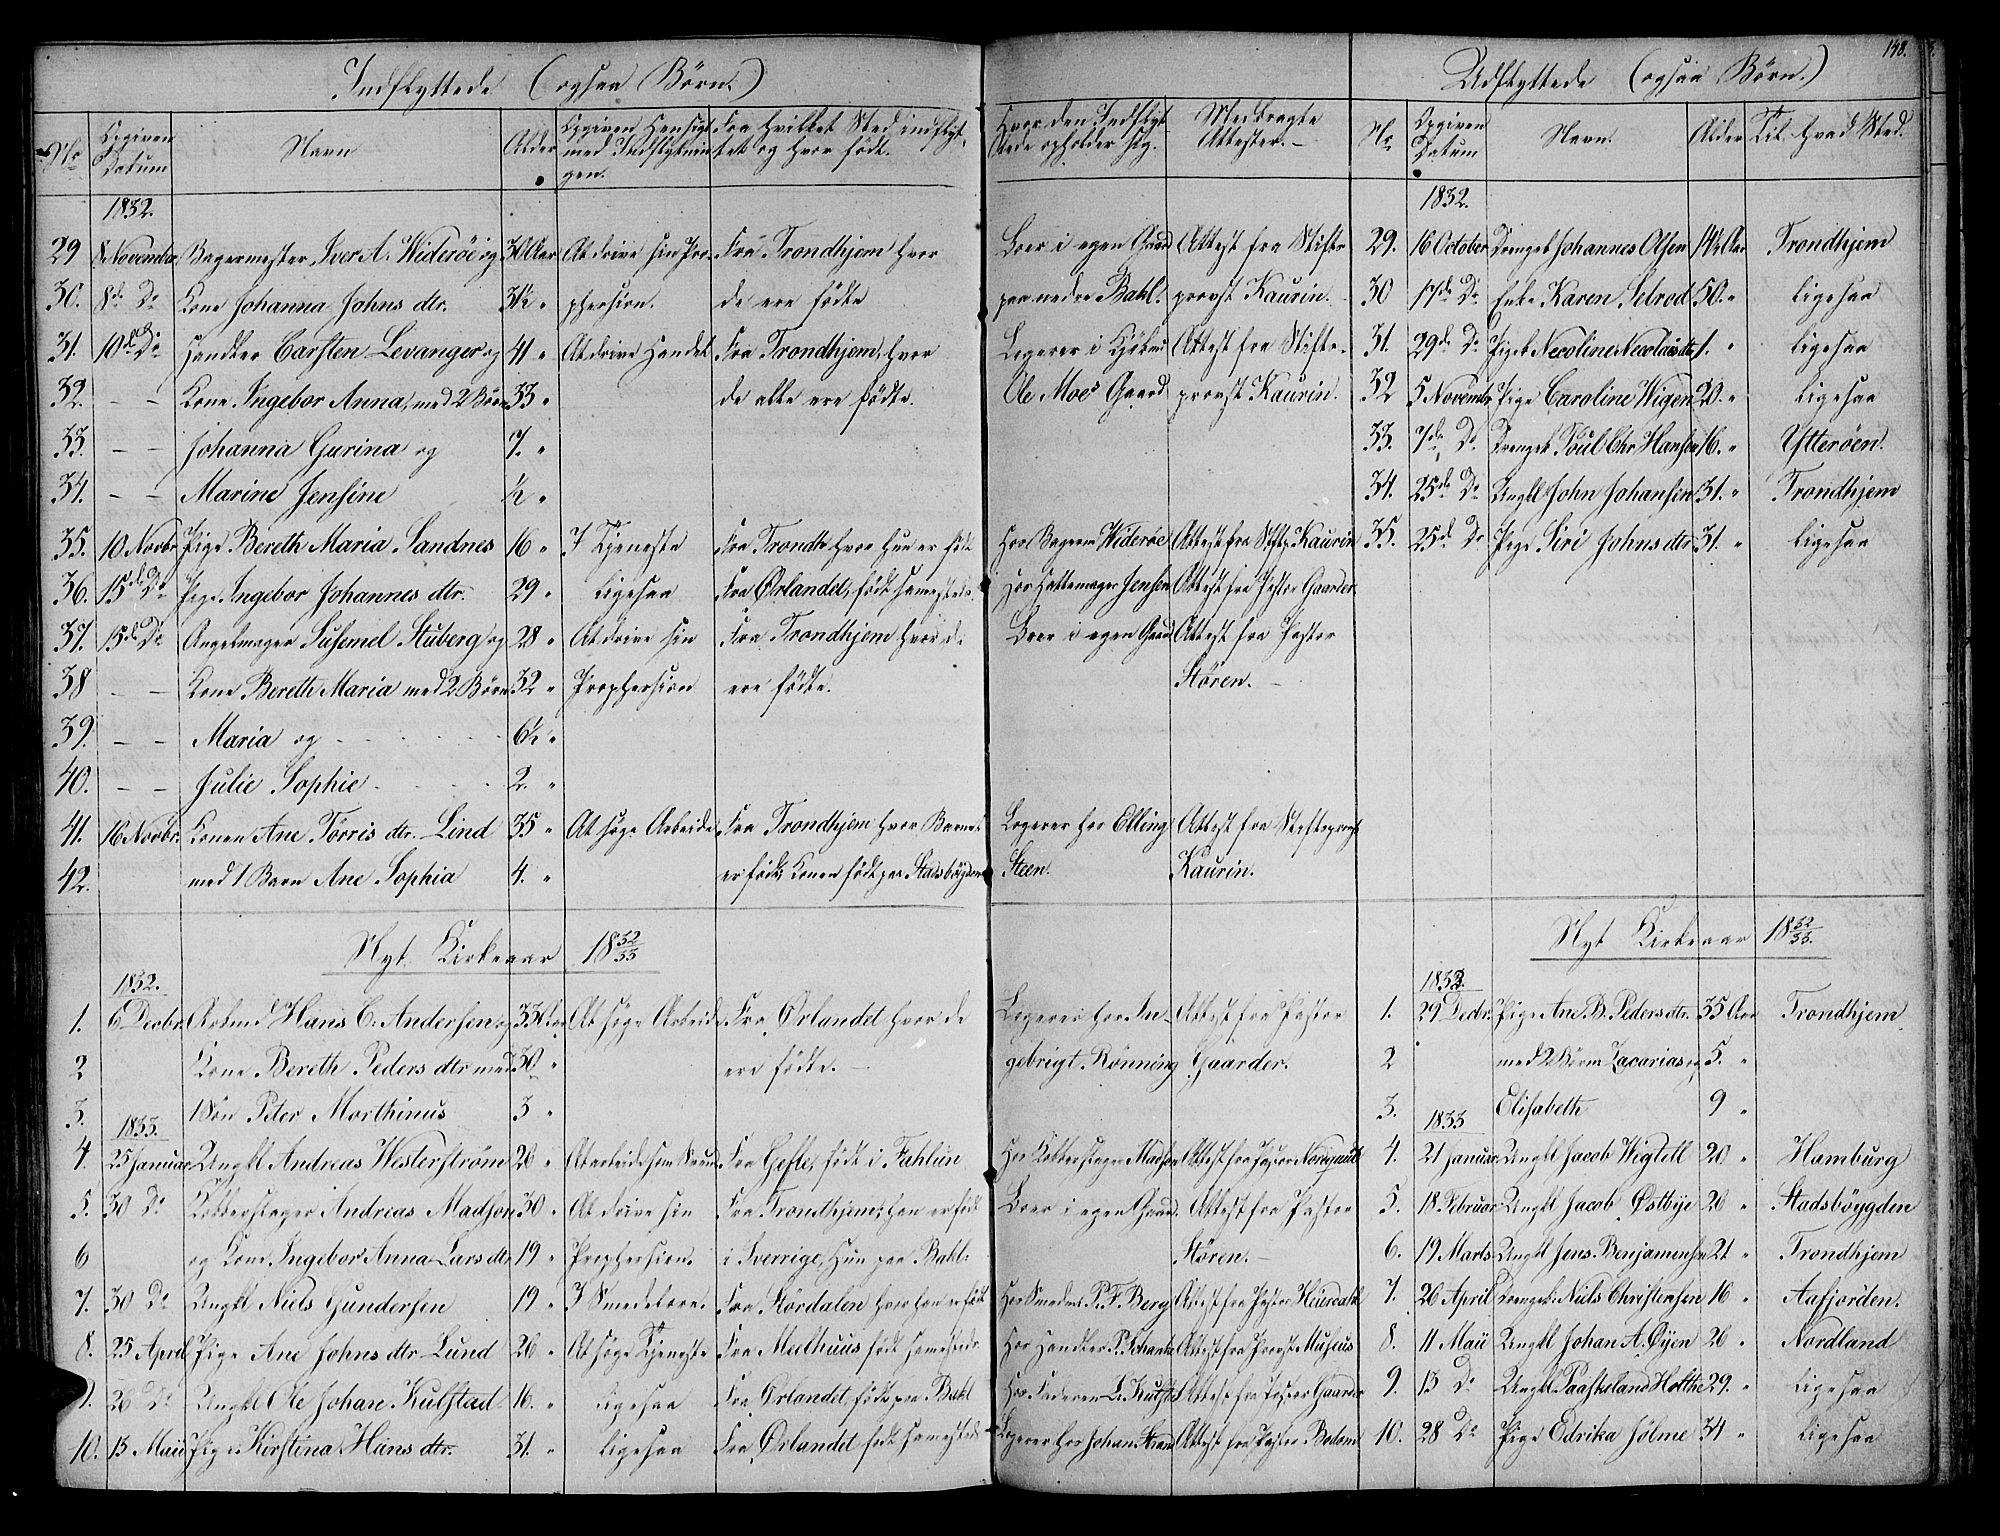 SAT, Ministerialprotokoller, klokkerbøker og fødselsregistre - Sør-Trøndelag, 604/L0182: Ministerialbok nr. 604A03, 1818-1850, s. 148